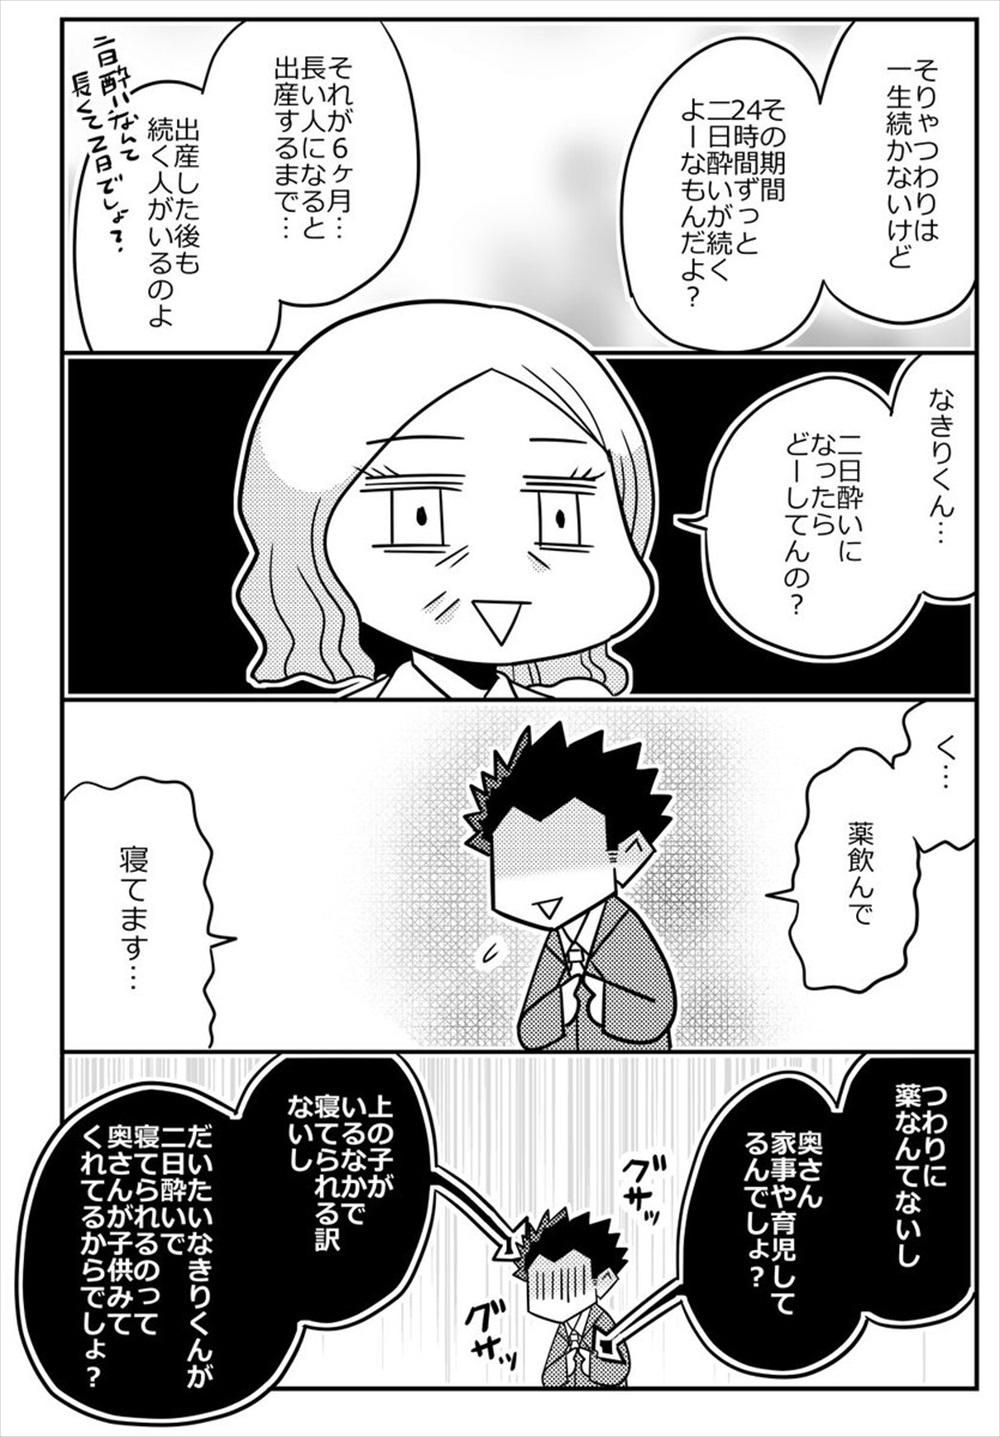 育児漫画9